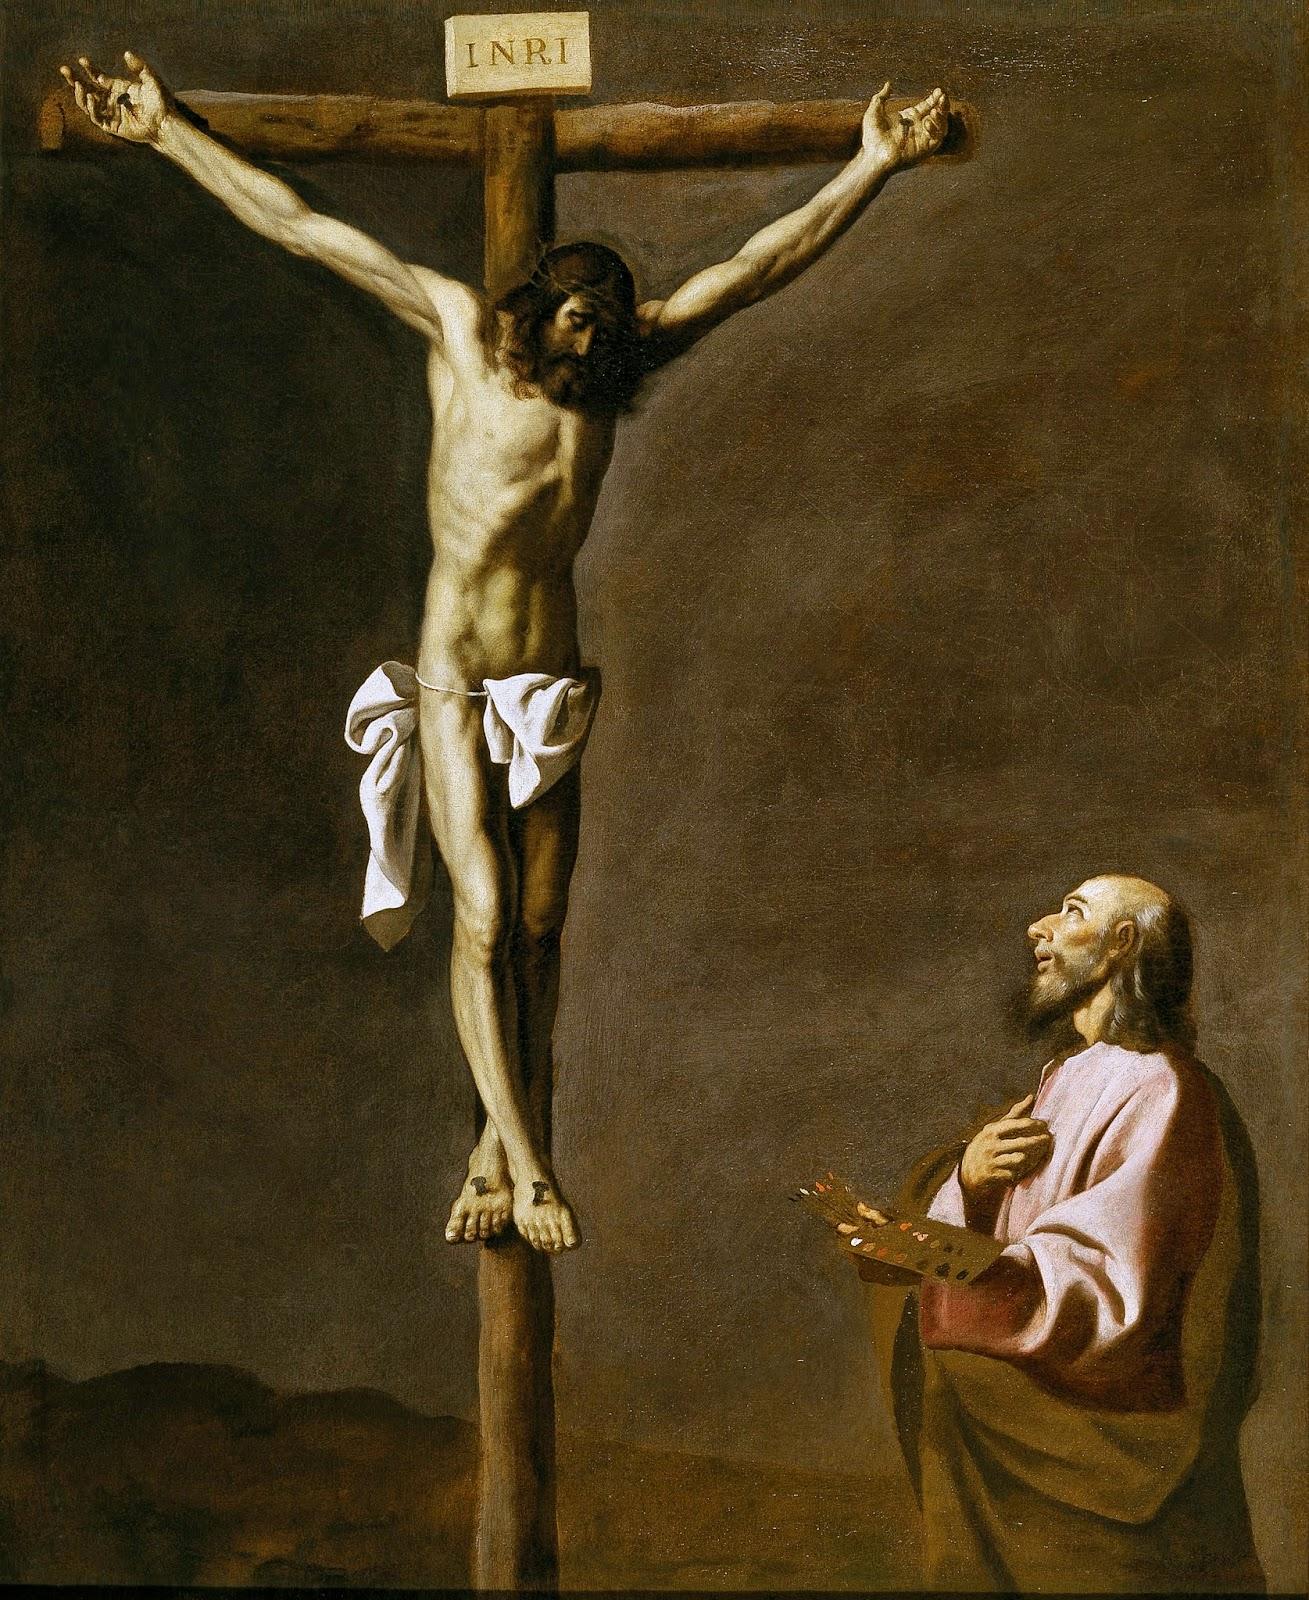 Francisco de Zurbarán. San Lucas como pintor ante Cristo en la Cruz, 1630-1639. Museo Nacional del Prado